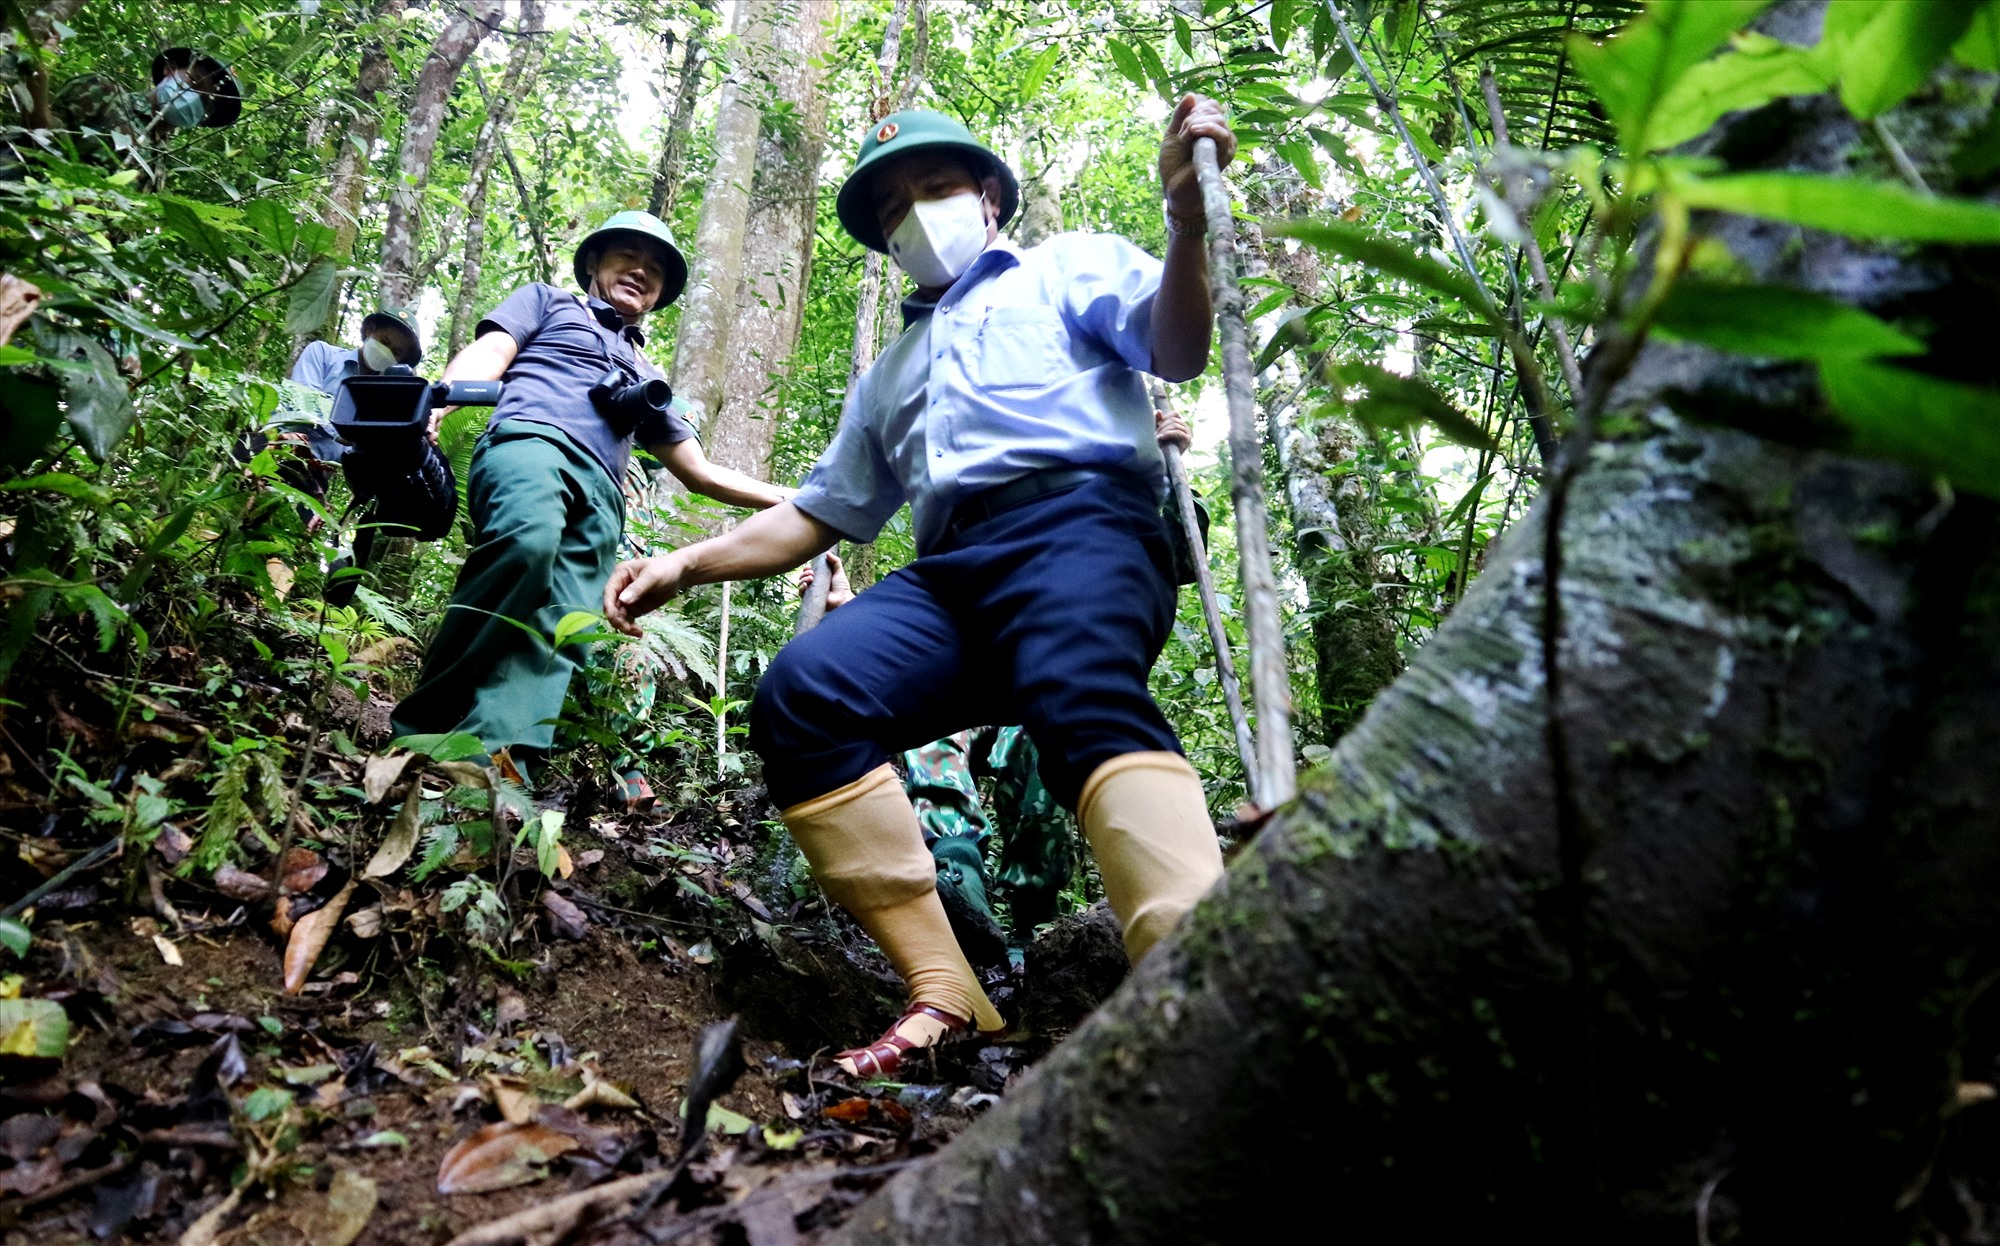 Phó Bí thư Thường trực Tỉnh ủy Lê Văn Dũng lặn lội đường rừng đến thăm chốt kiểm soát biên giới. Ảnh: A.N